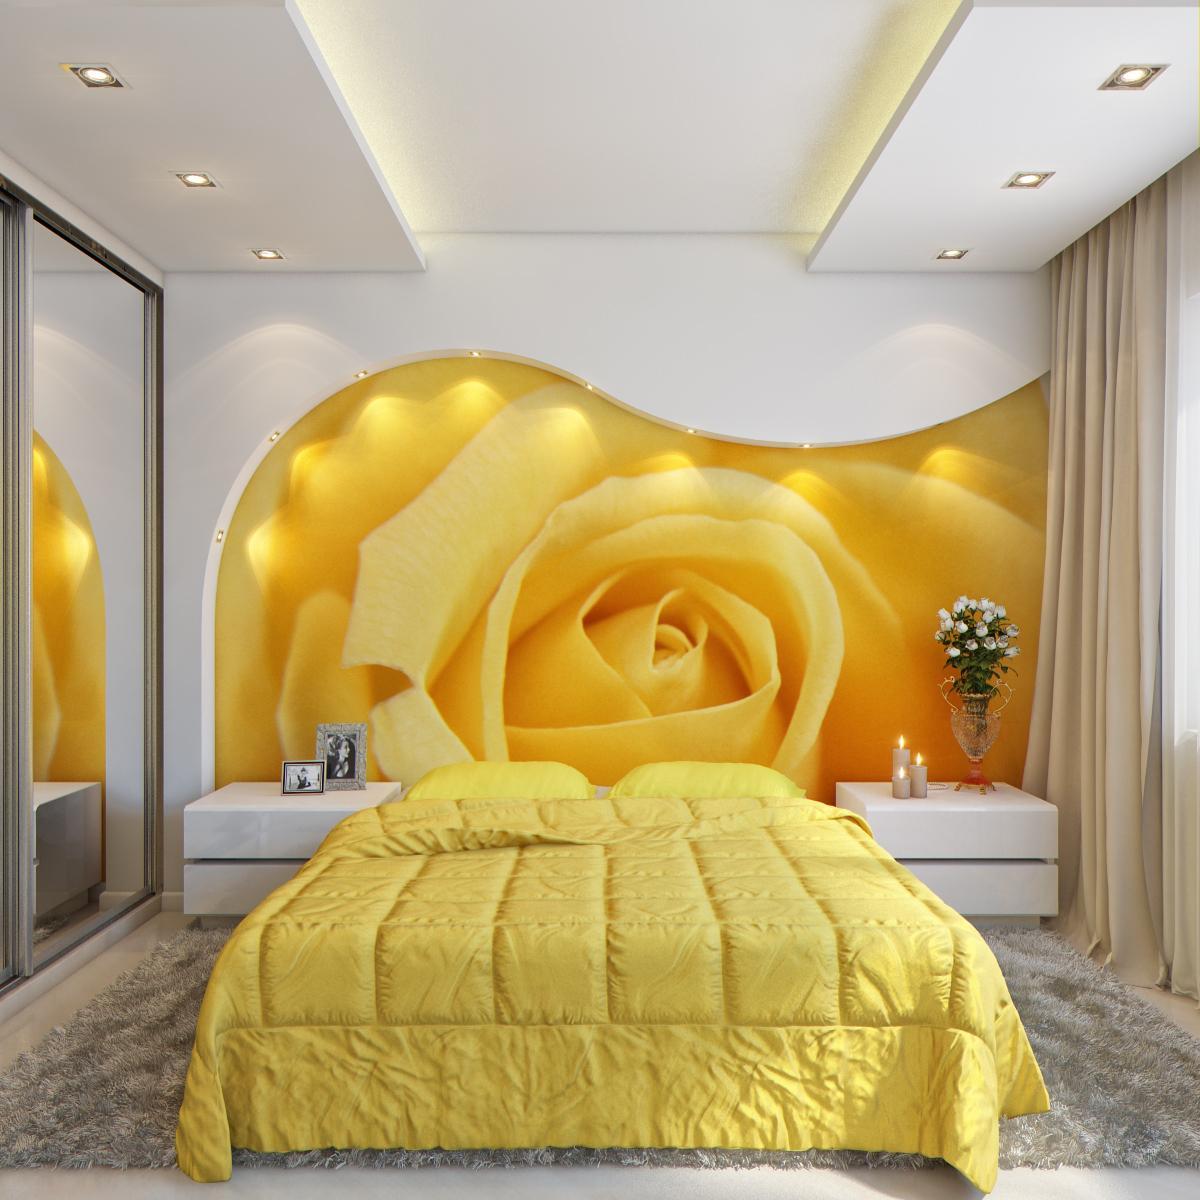 Красивое точечное освещение в желто-белой спальне